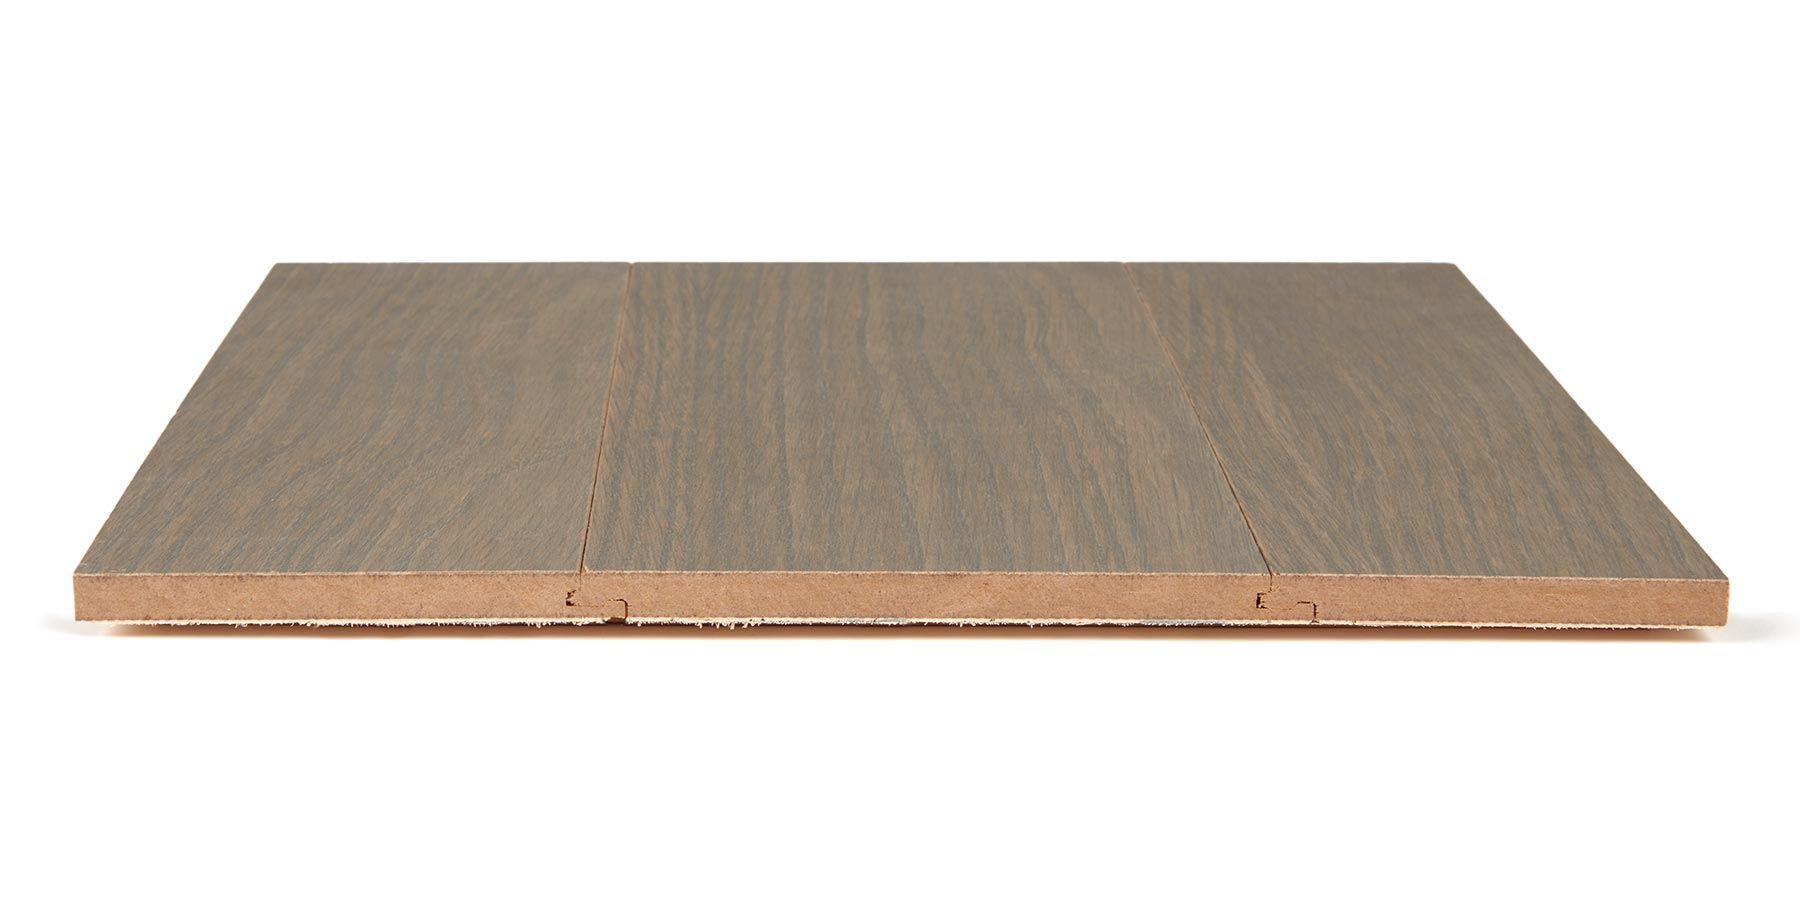 Urban Edge Engineered Hardwood Flooring